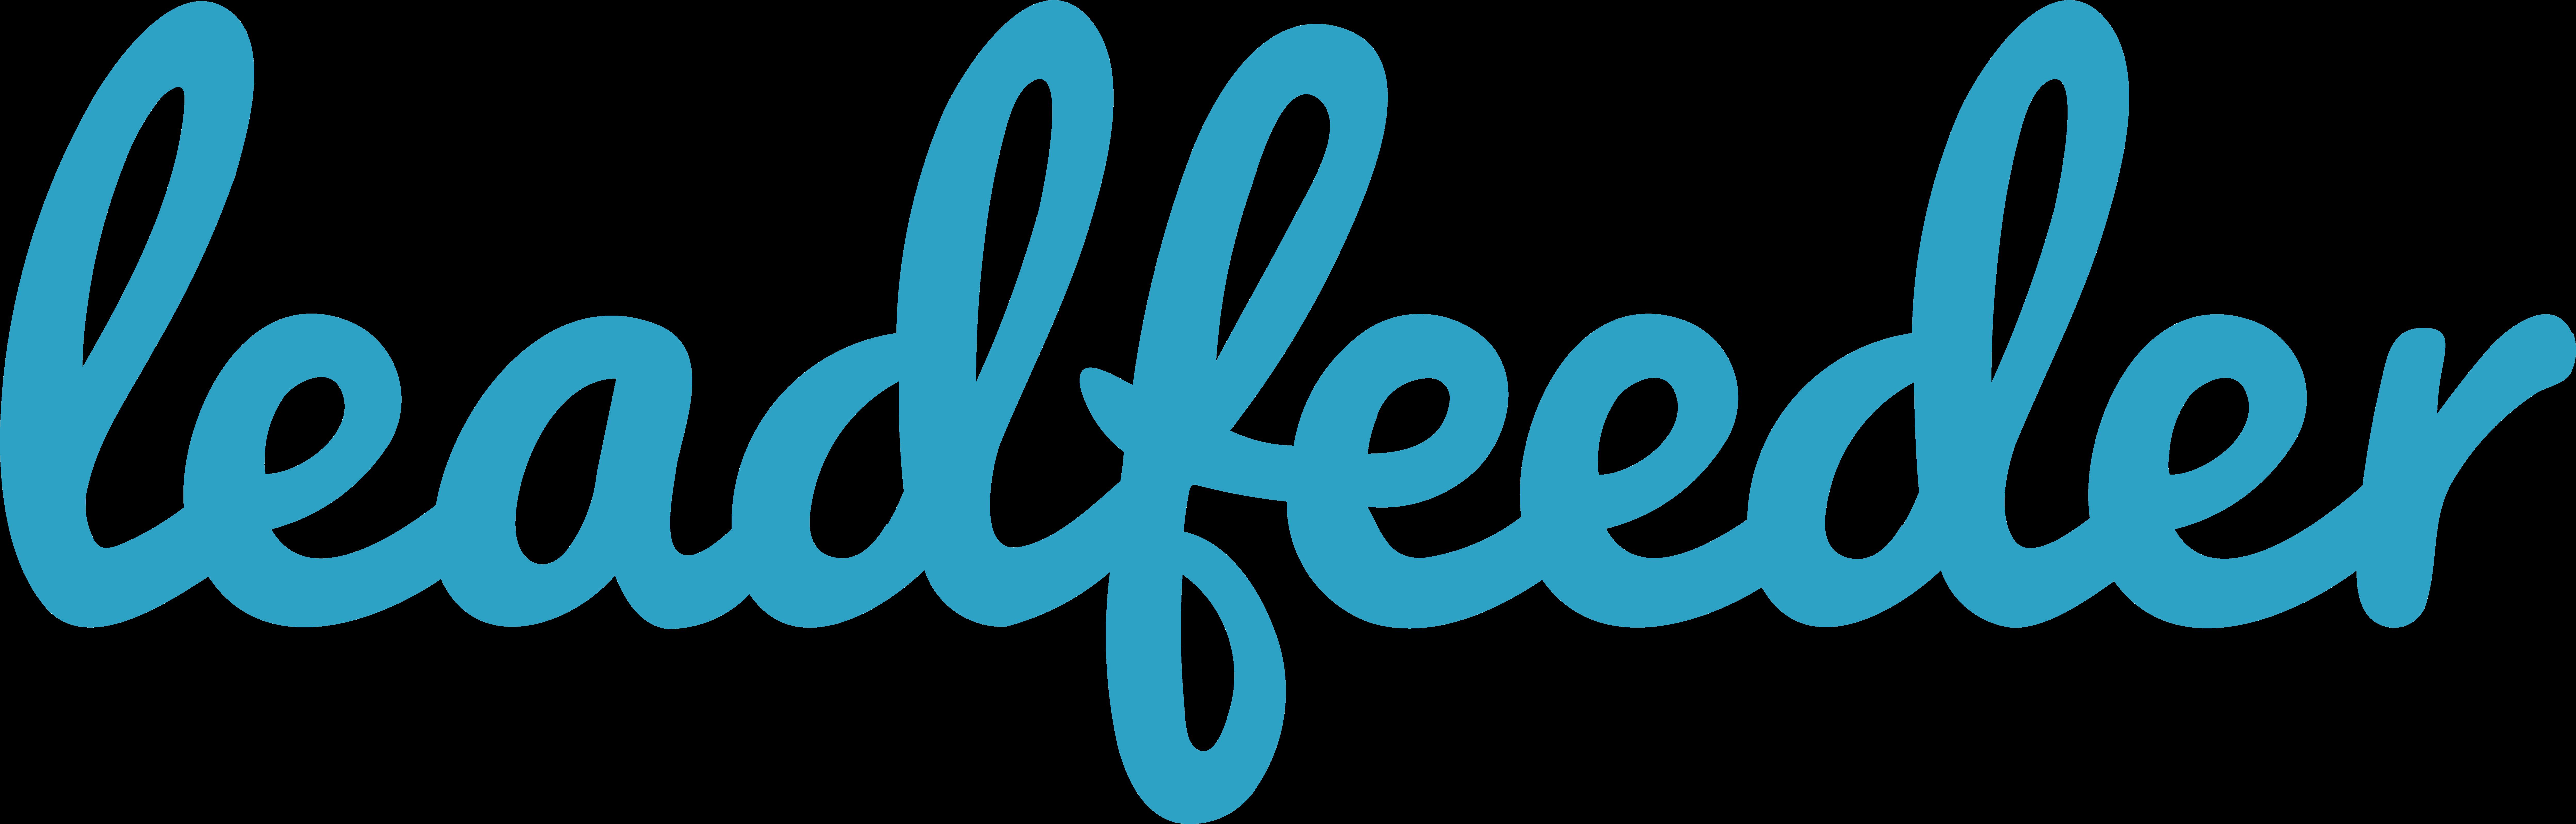 Link to external partner website leedfeeder.com